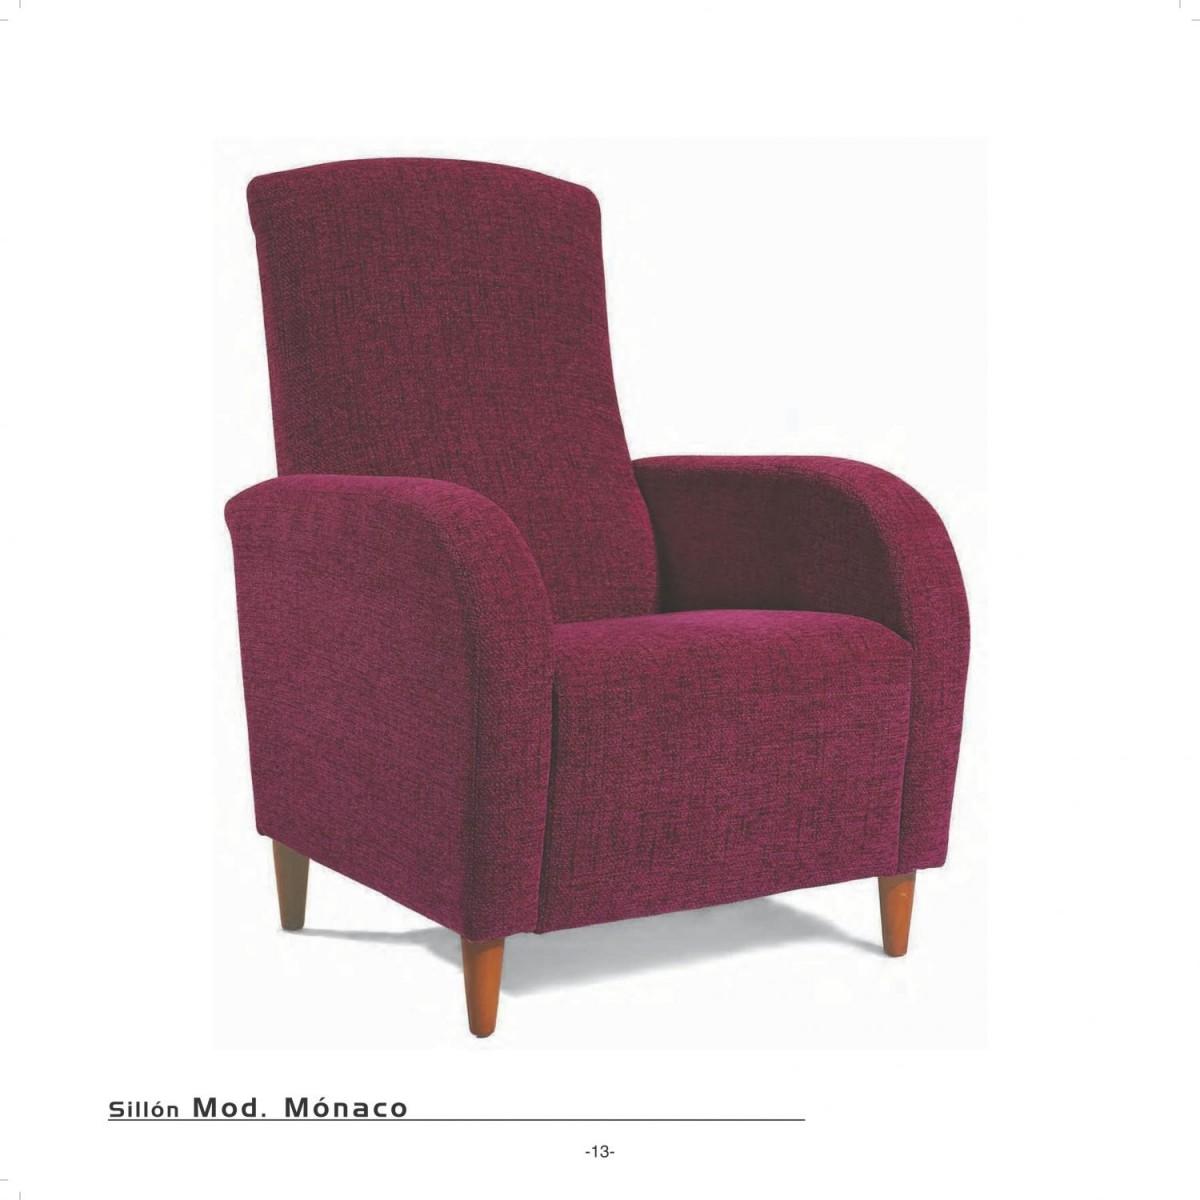 Sillon moderno fijo 46 monaco sofas sillones for Sillones y sofas modernos